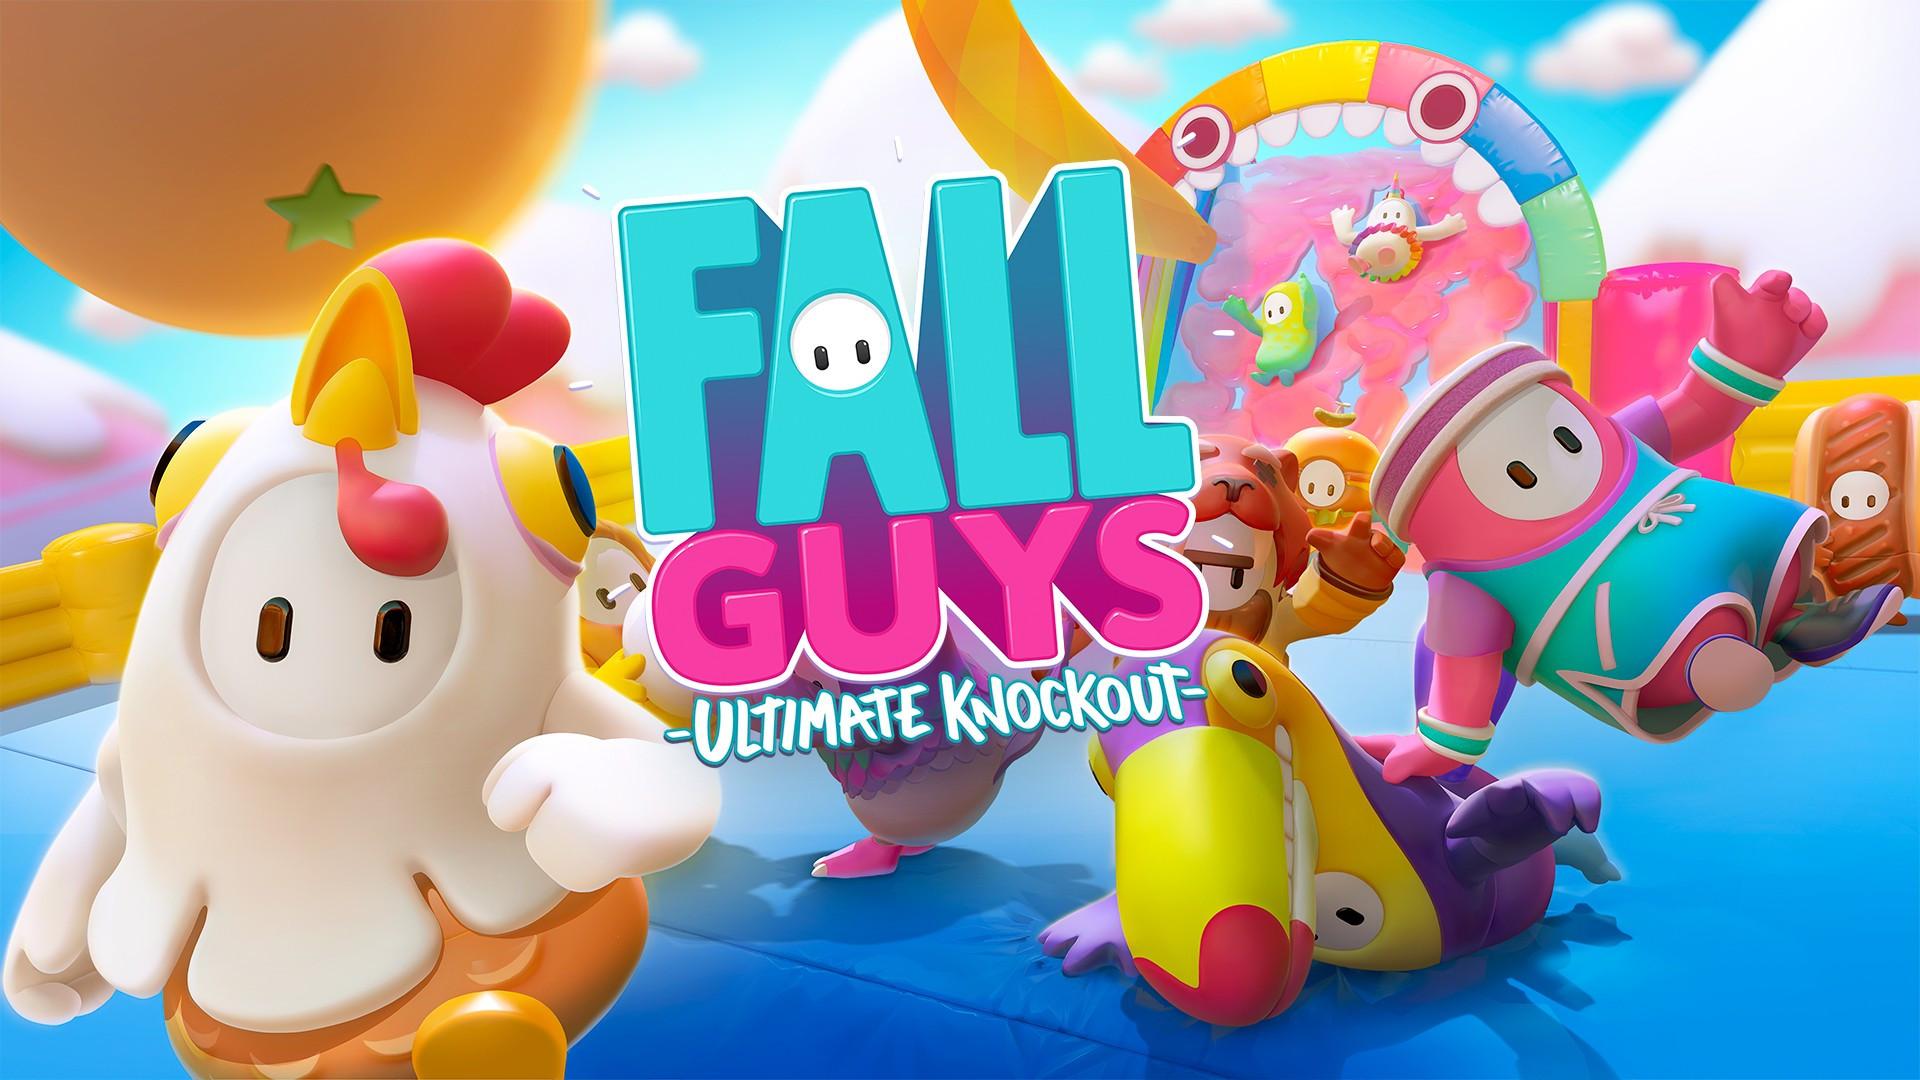 Epic Games قصد خرید شرکت Mediatonic، سازنده بازی Fall Guys را دارد